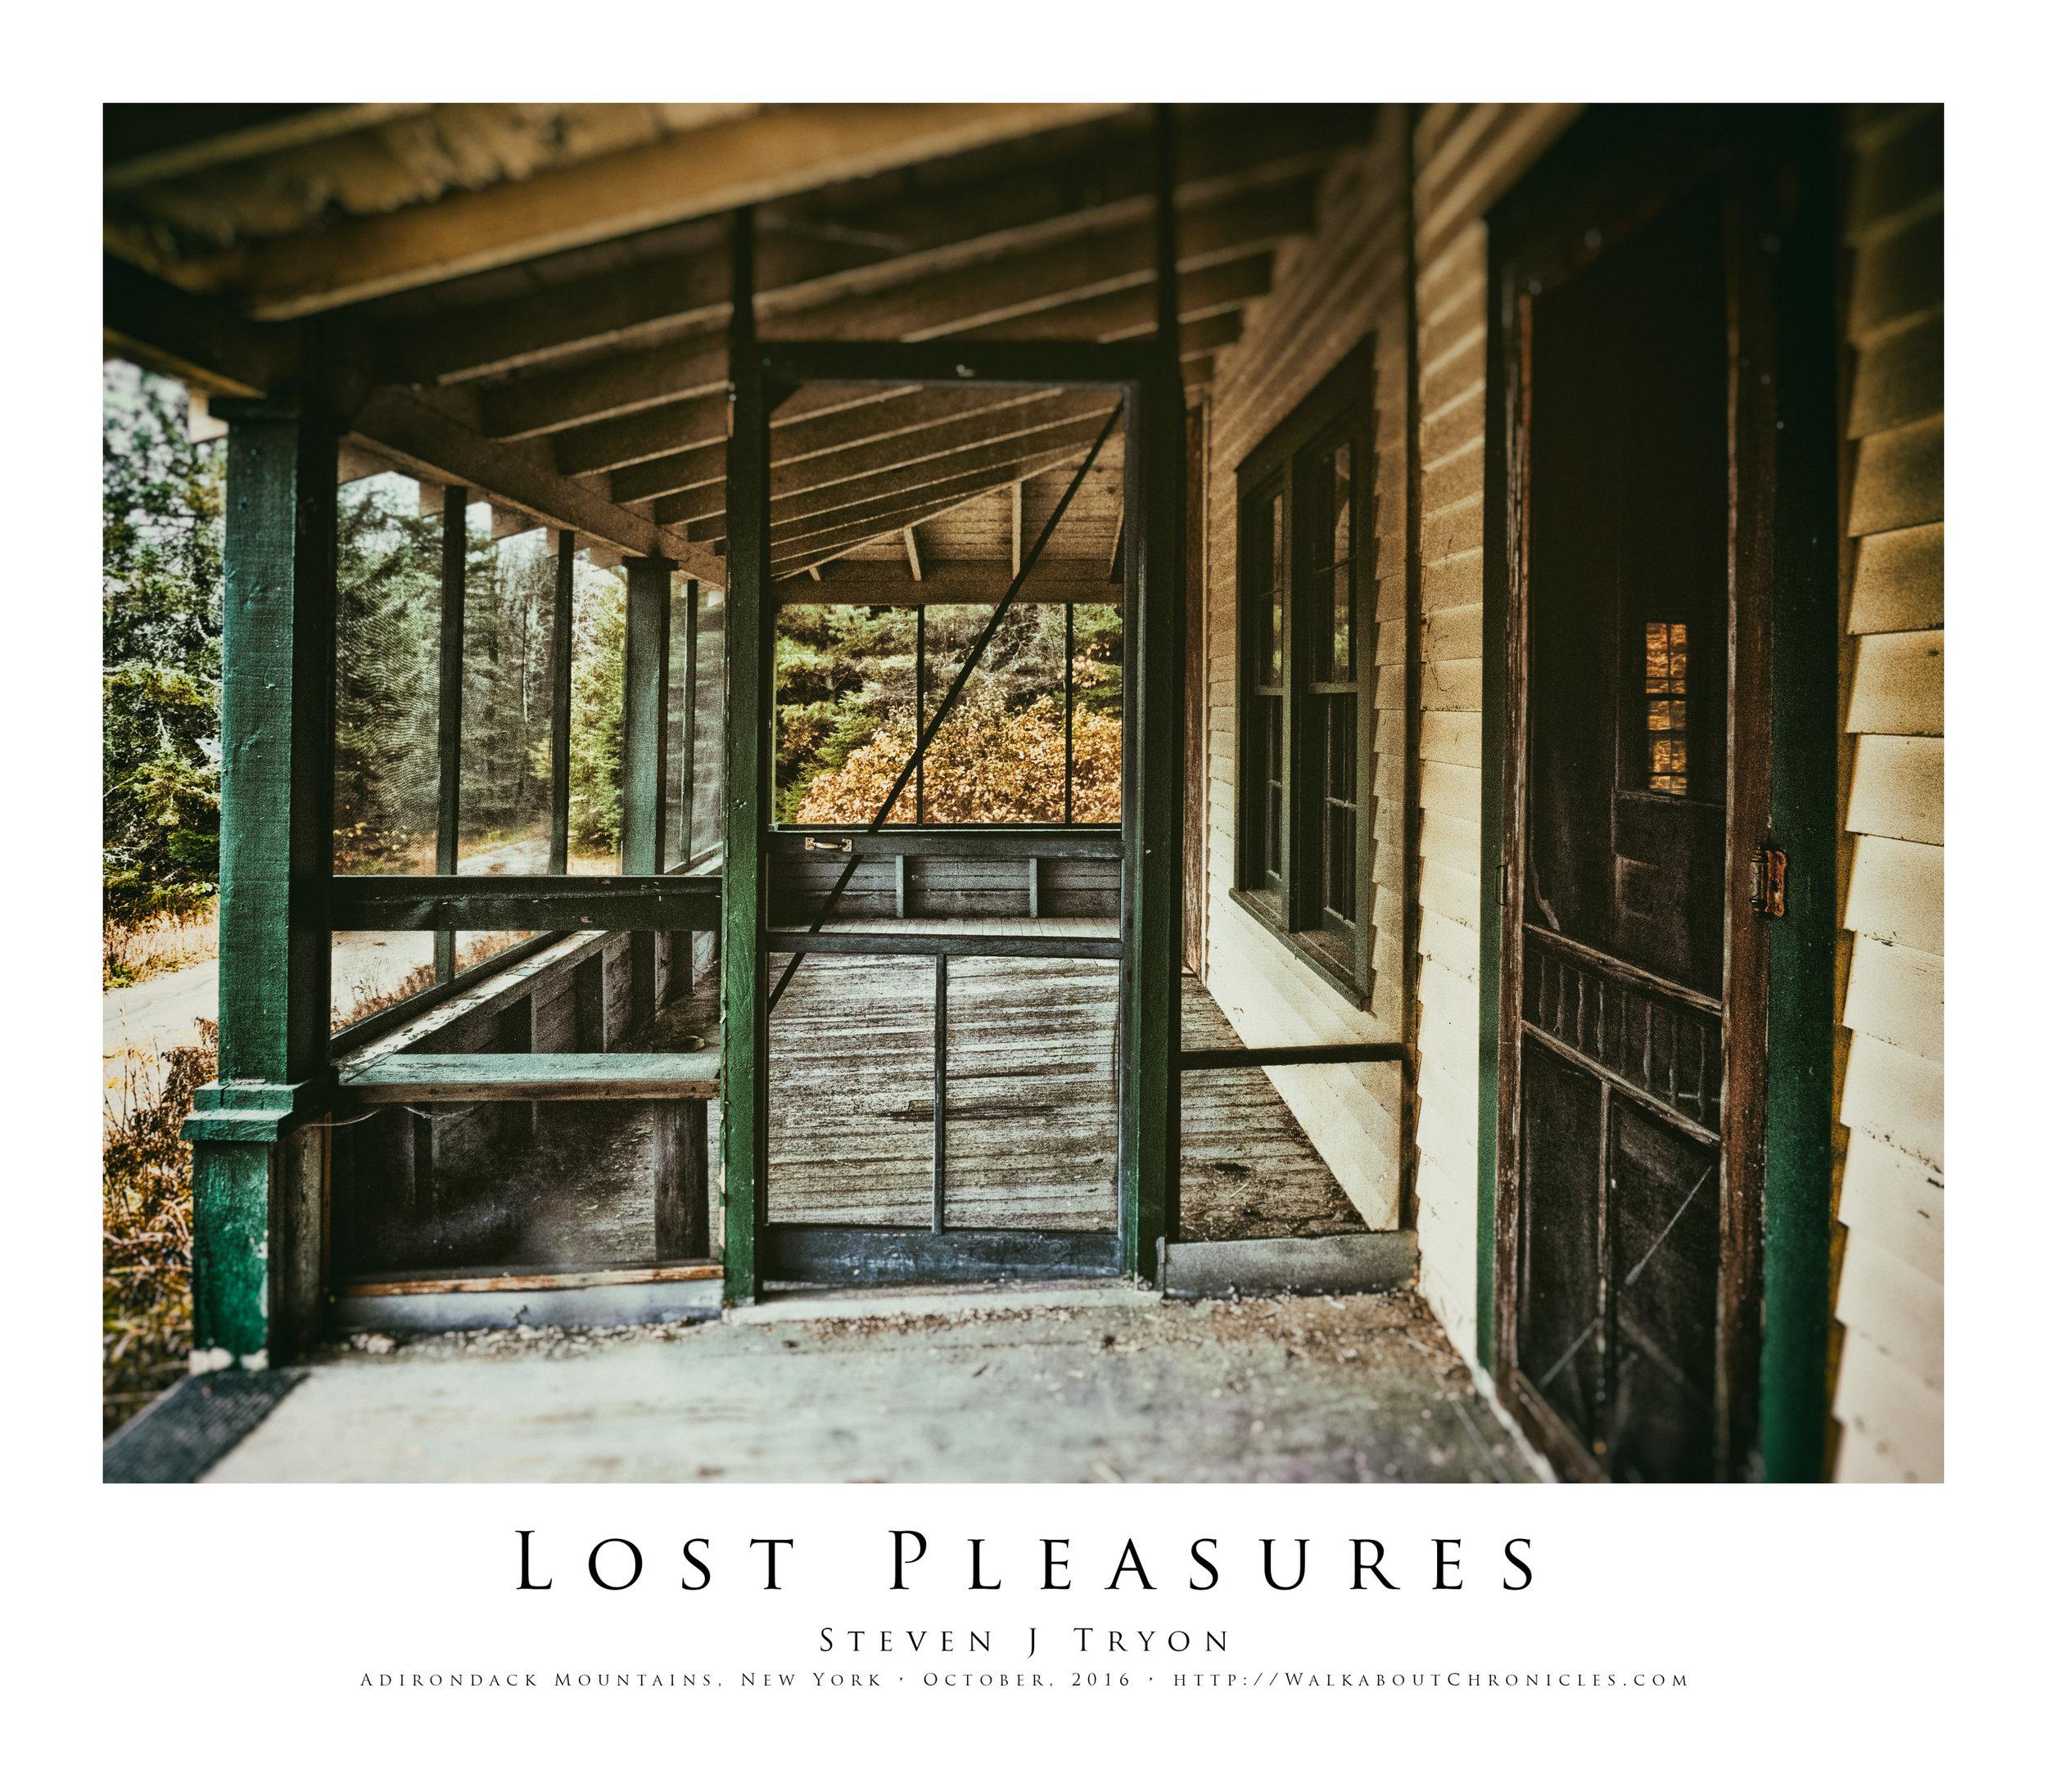 Lost Pleasures